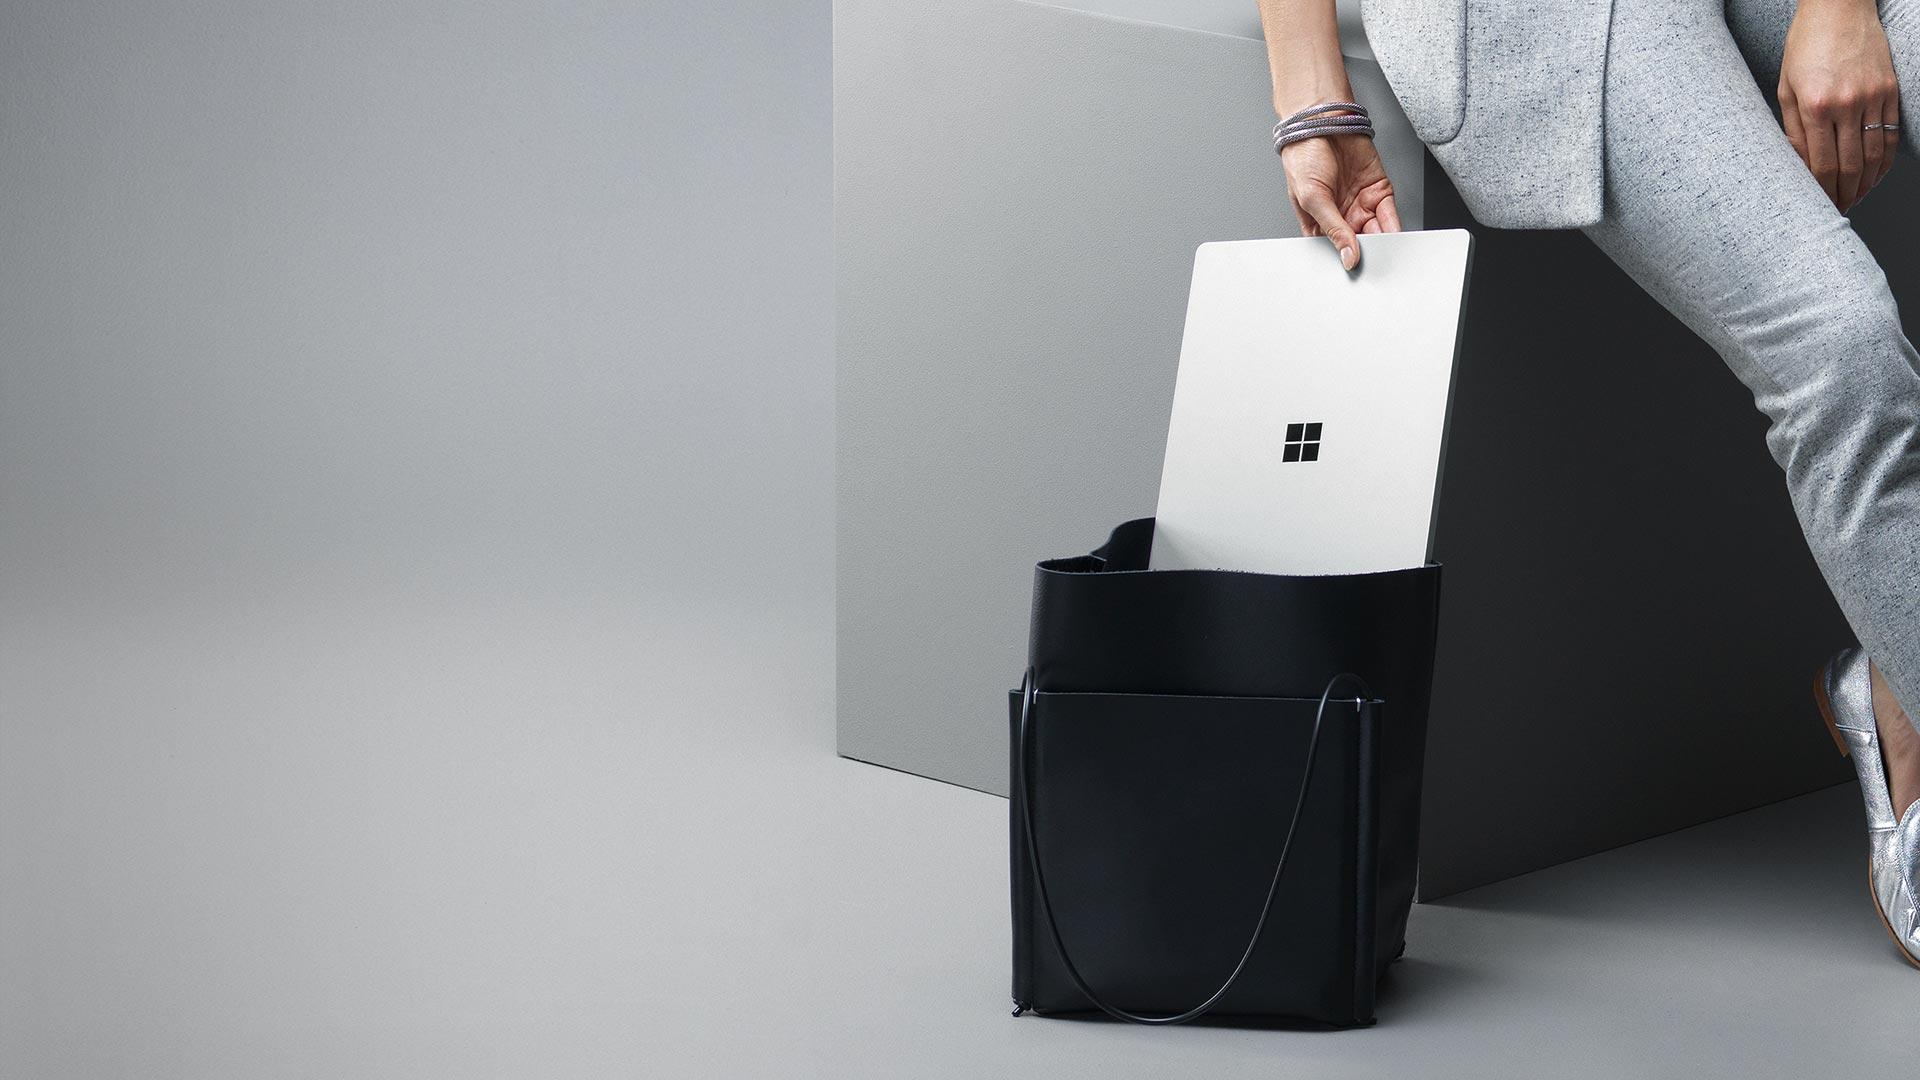 Modnie ubrana kobieta wkładająca tablet Surface Laptop wkolorze platynowym do torebki.